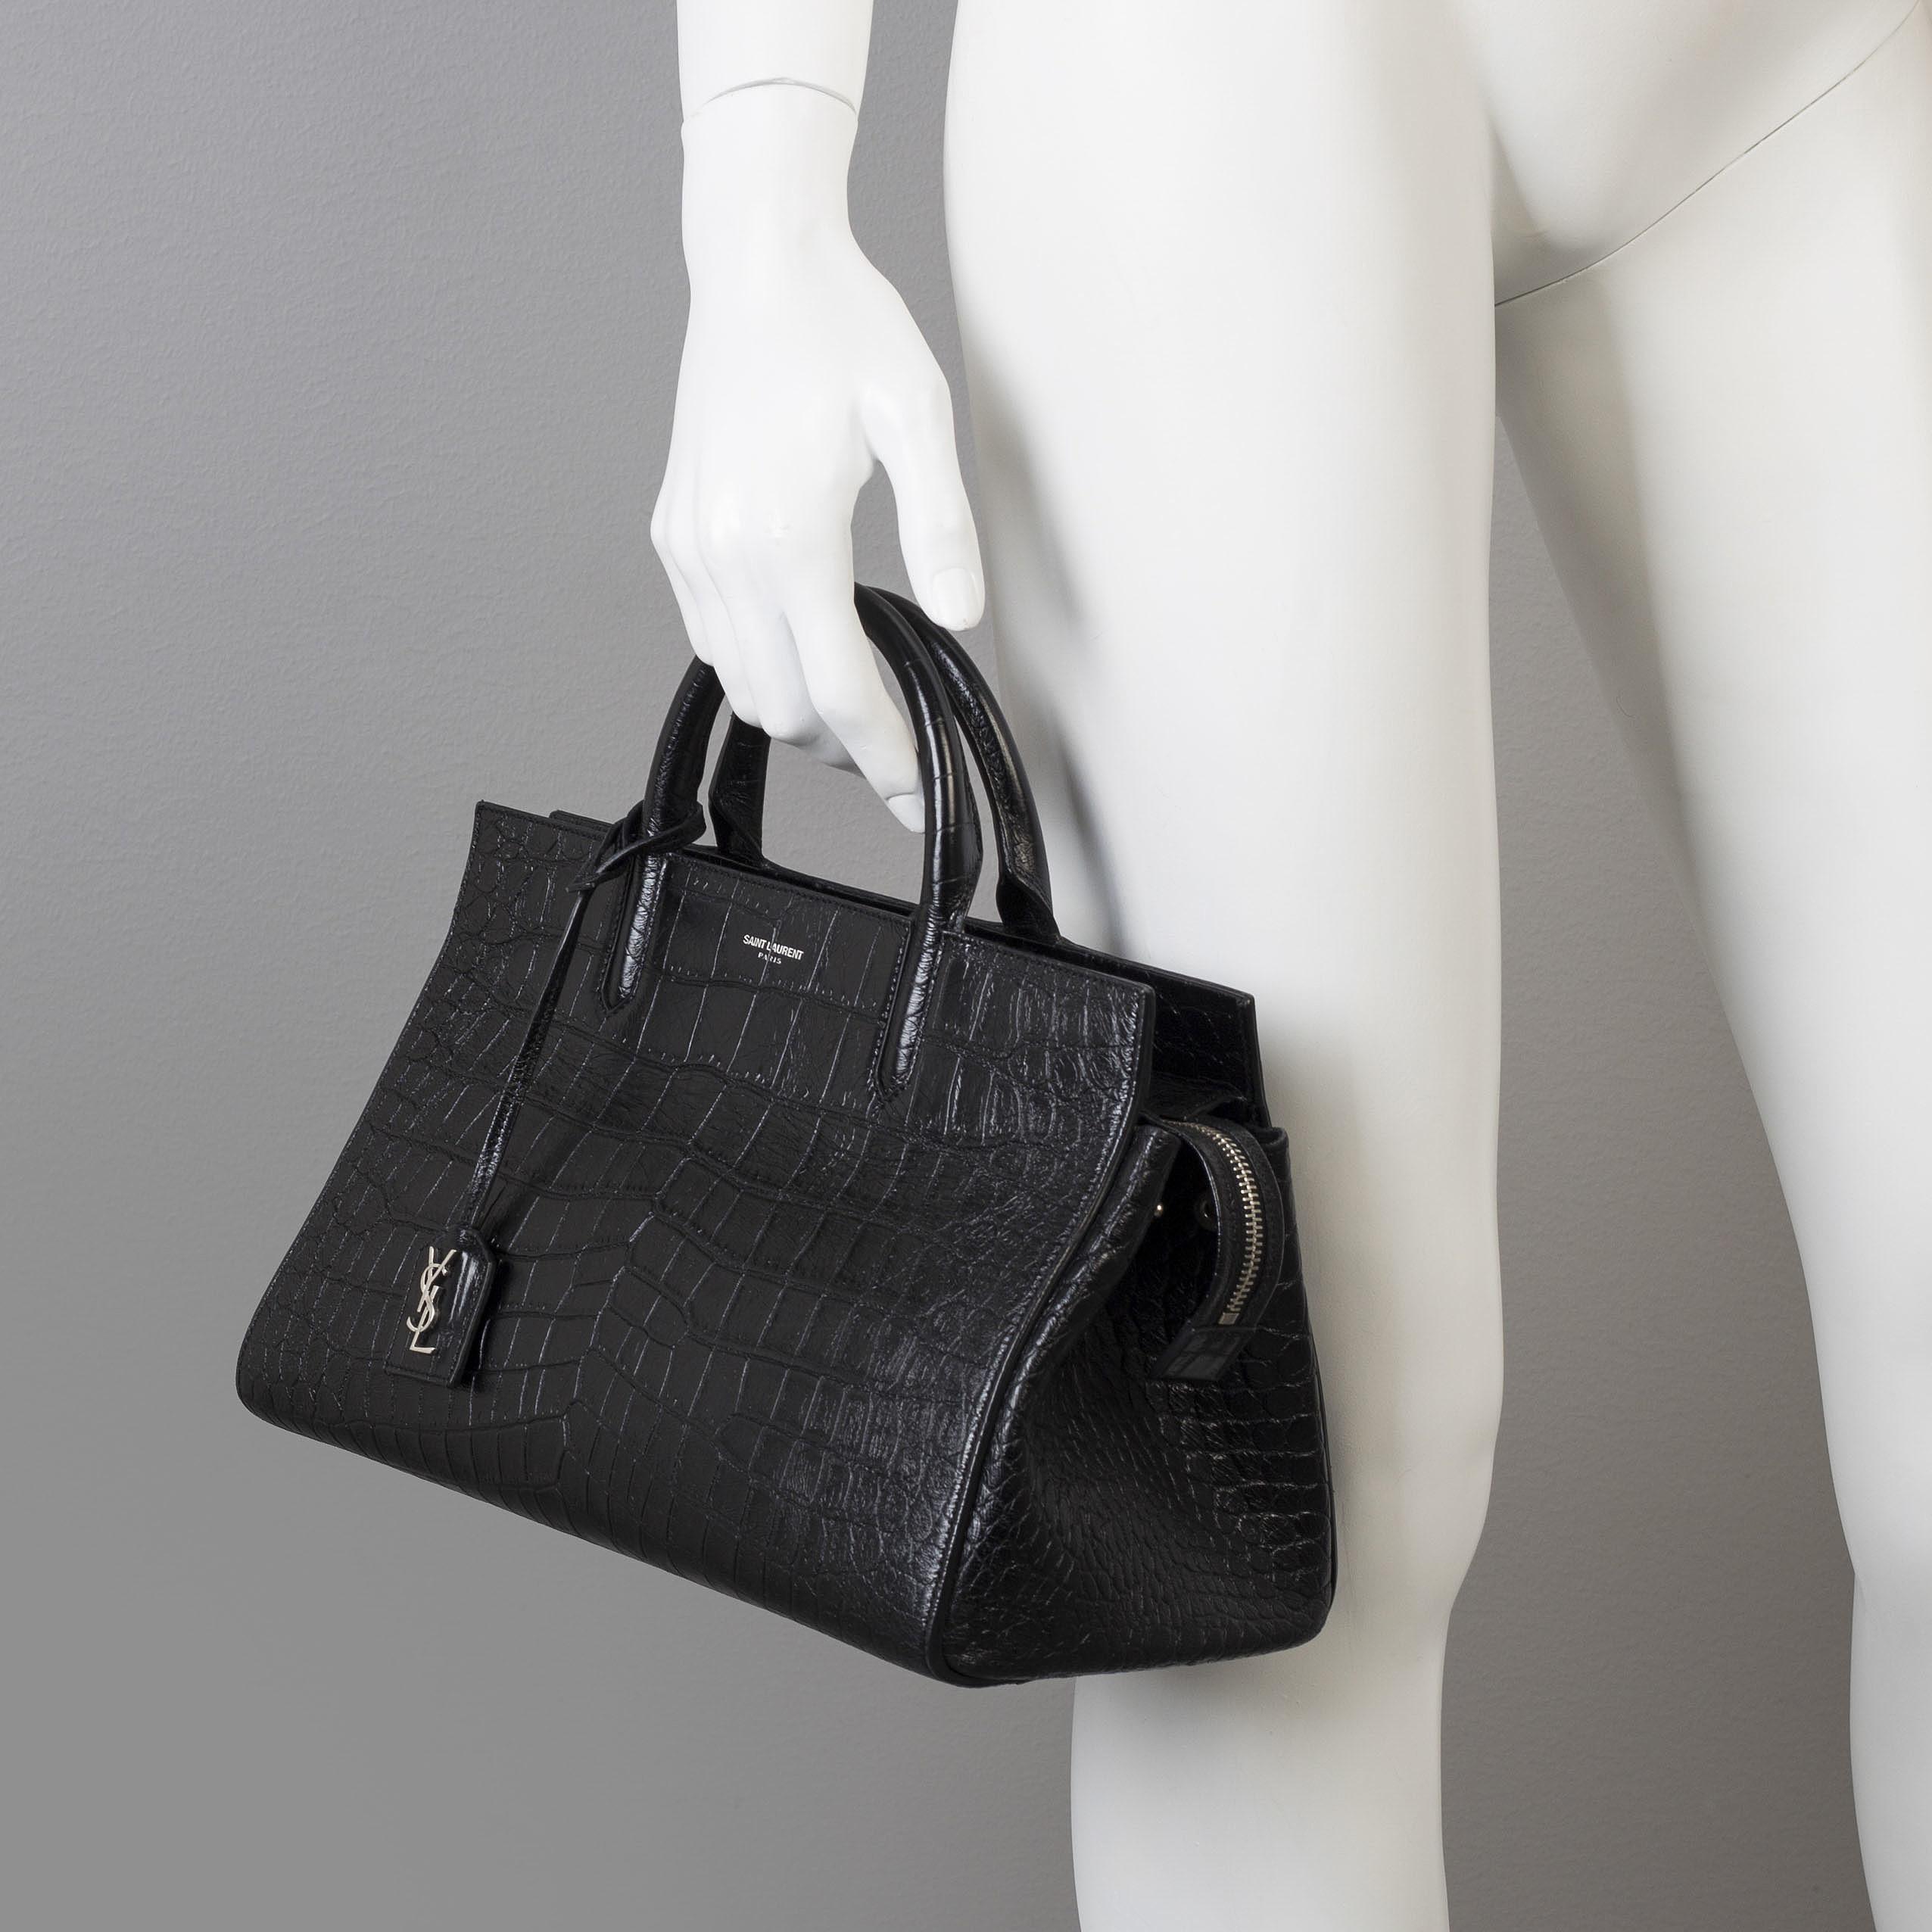 e3ae7909a4 A bag by Yves Saint Laurent